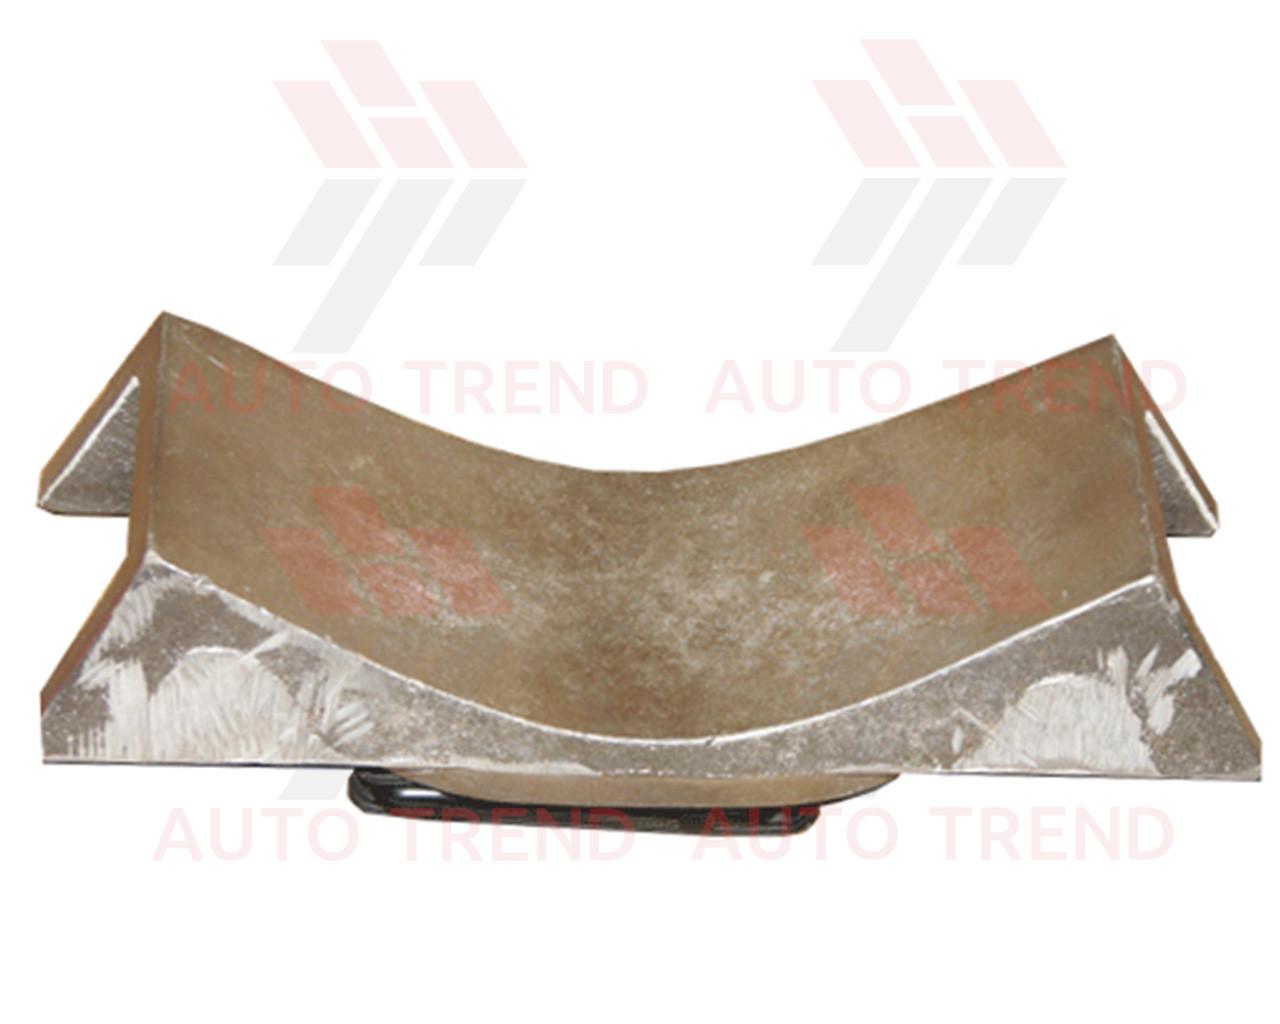 Плита профильная для ремонта крупногабаритных шин, ложемент 310х115мм, наружная, плечо